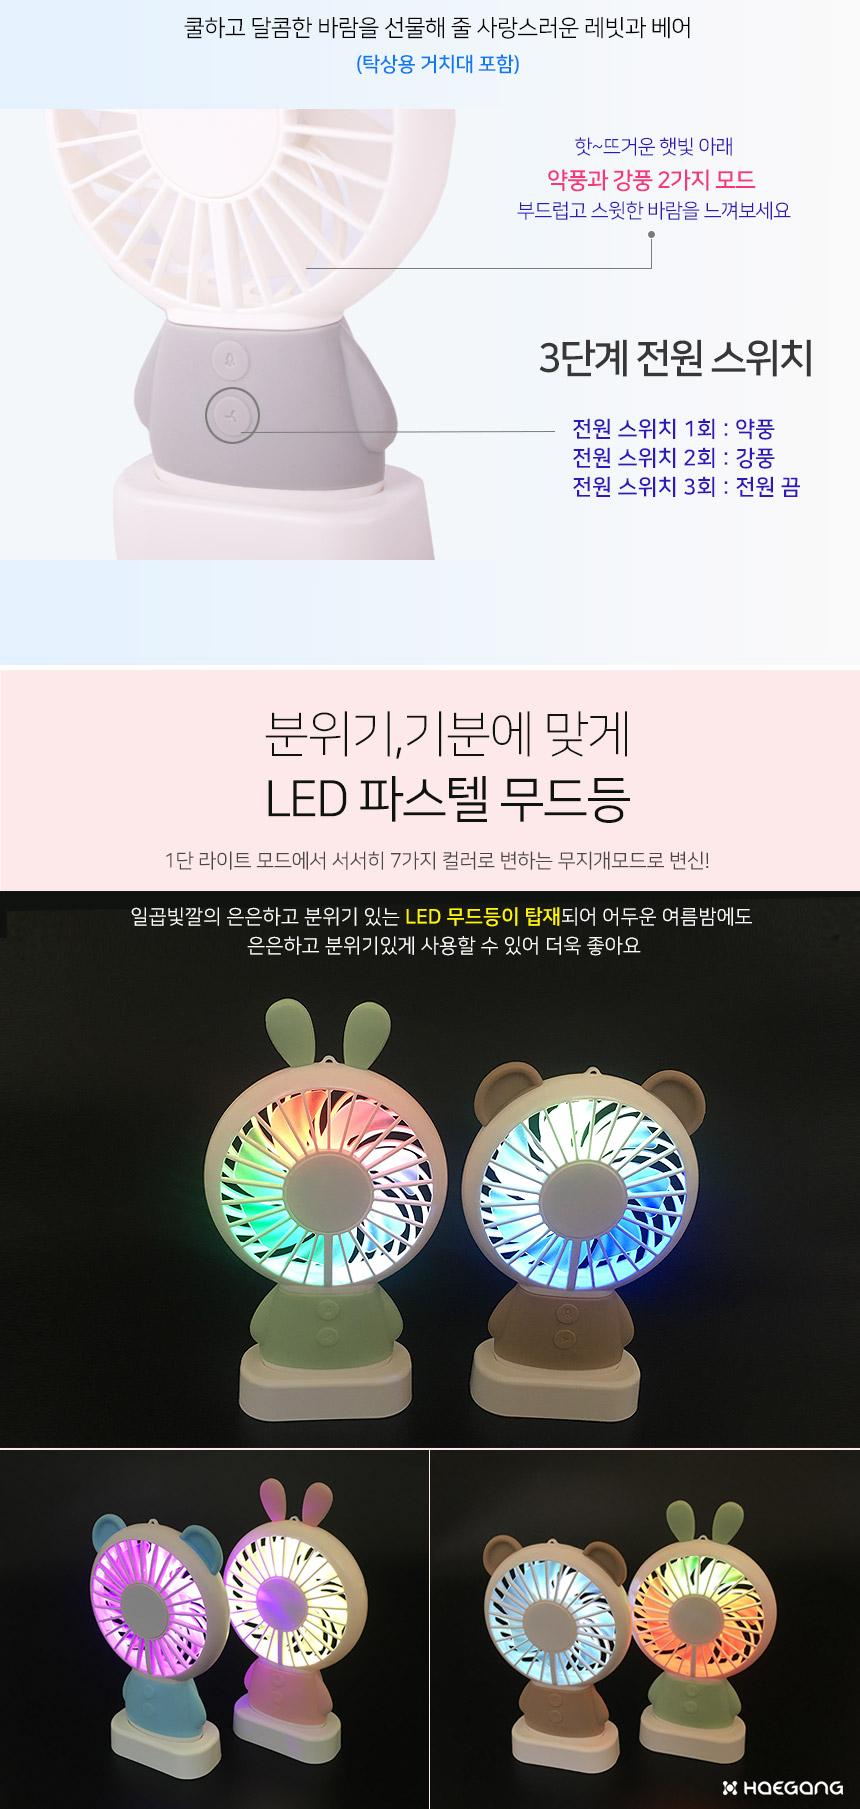 레빗 베어 휴대용 미니 LED 선풍기 - 세일덕, 7,800원, USB 계절가전, 선풍기